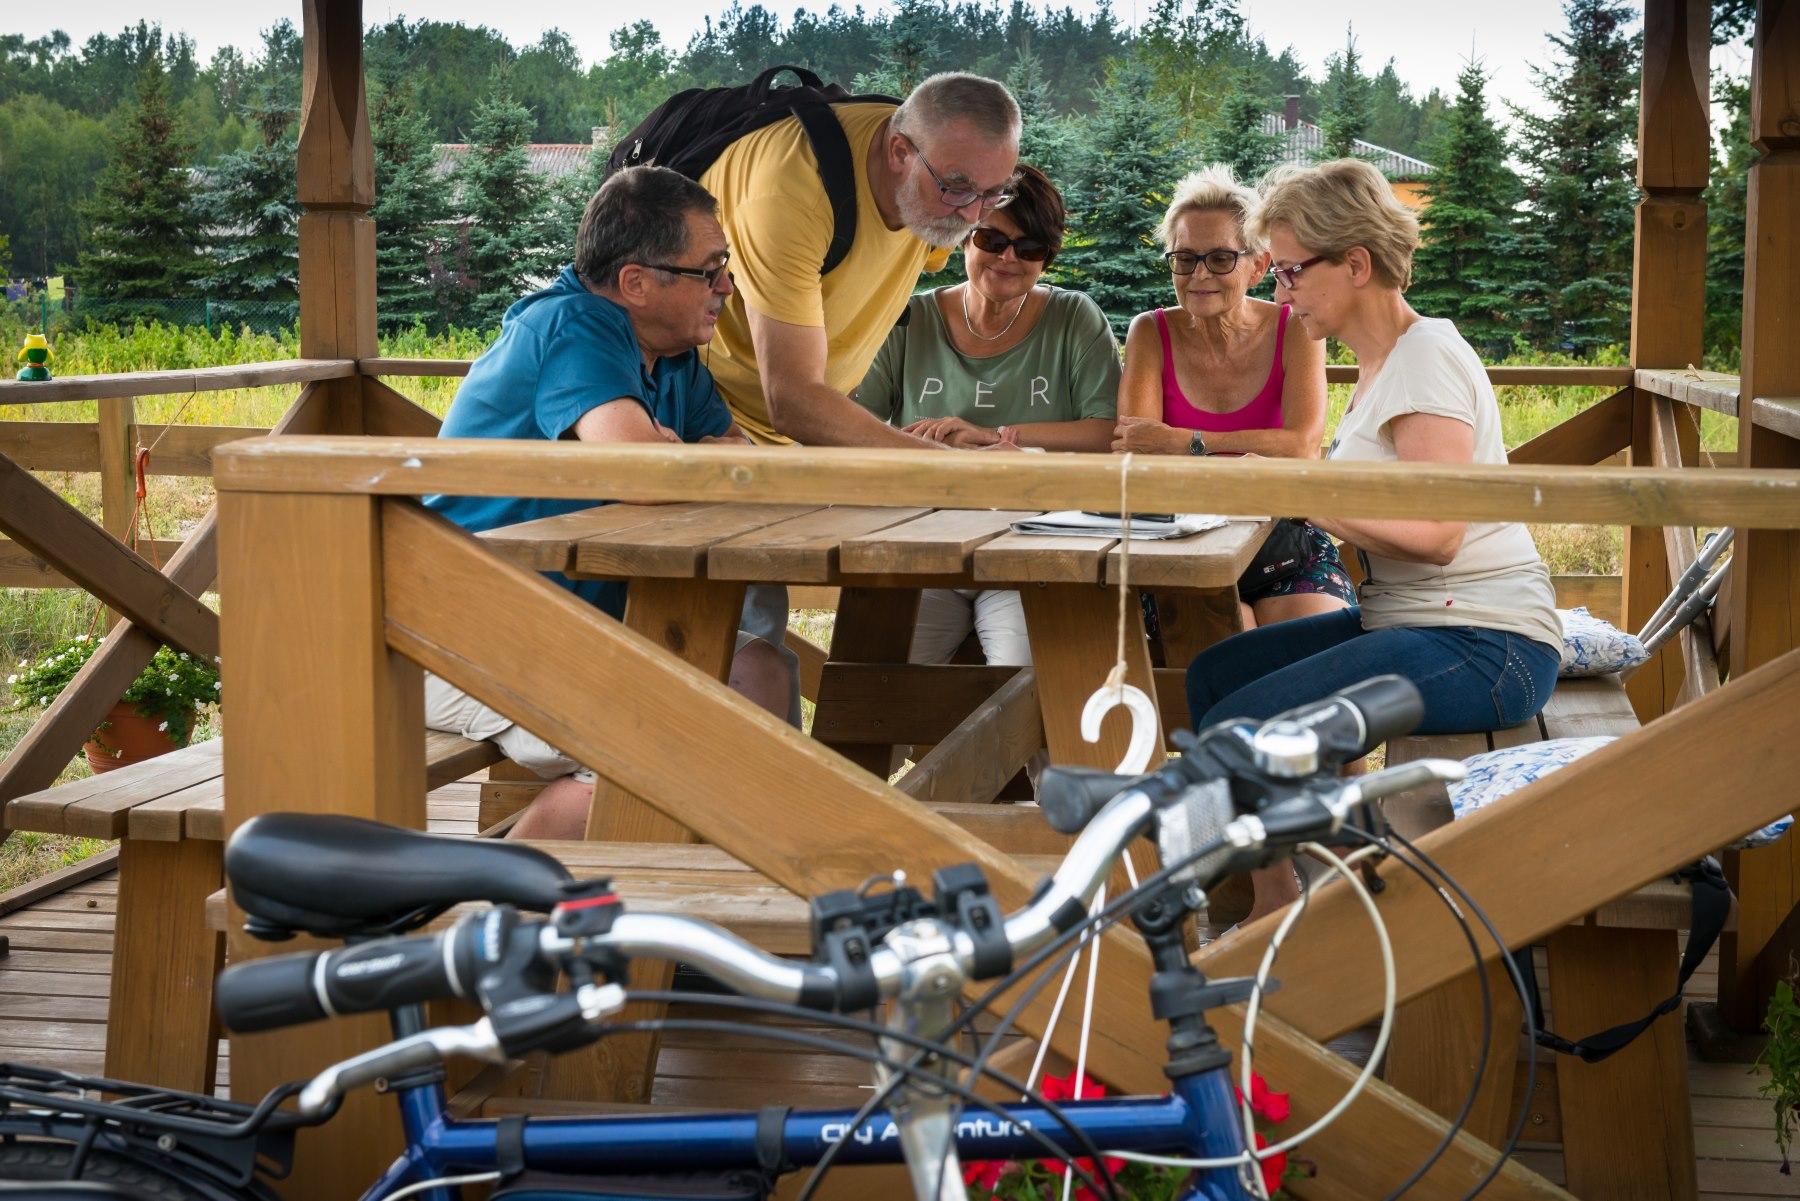 Osoby w średnim wieku oglądają mapę i planują podróż